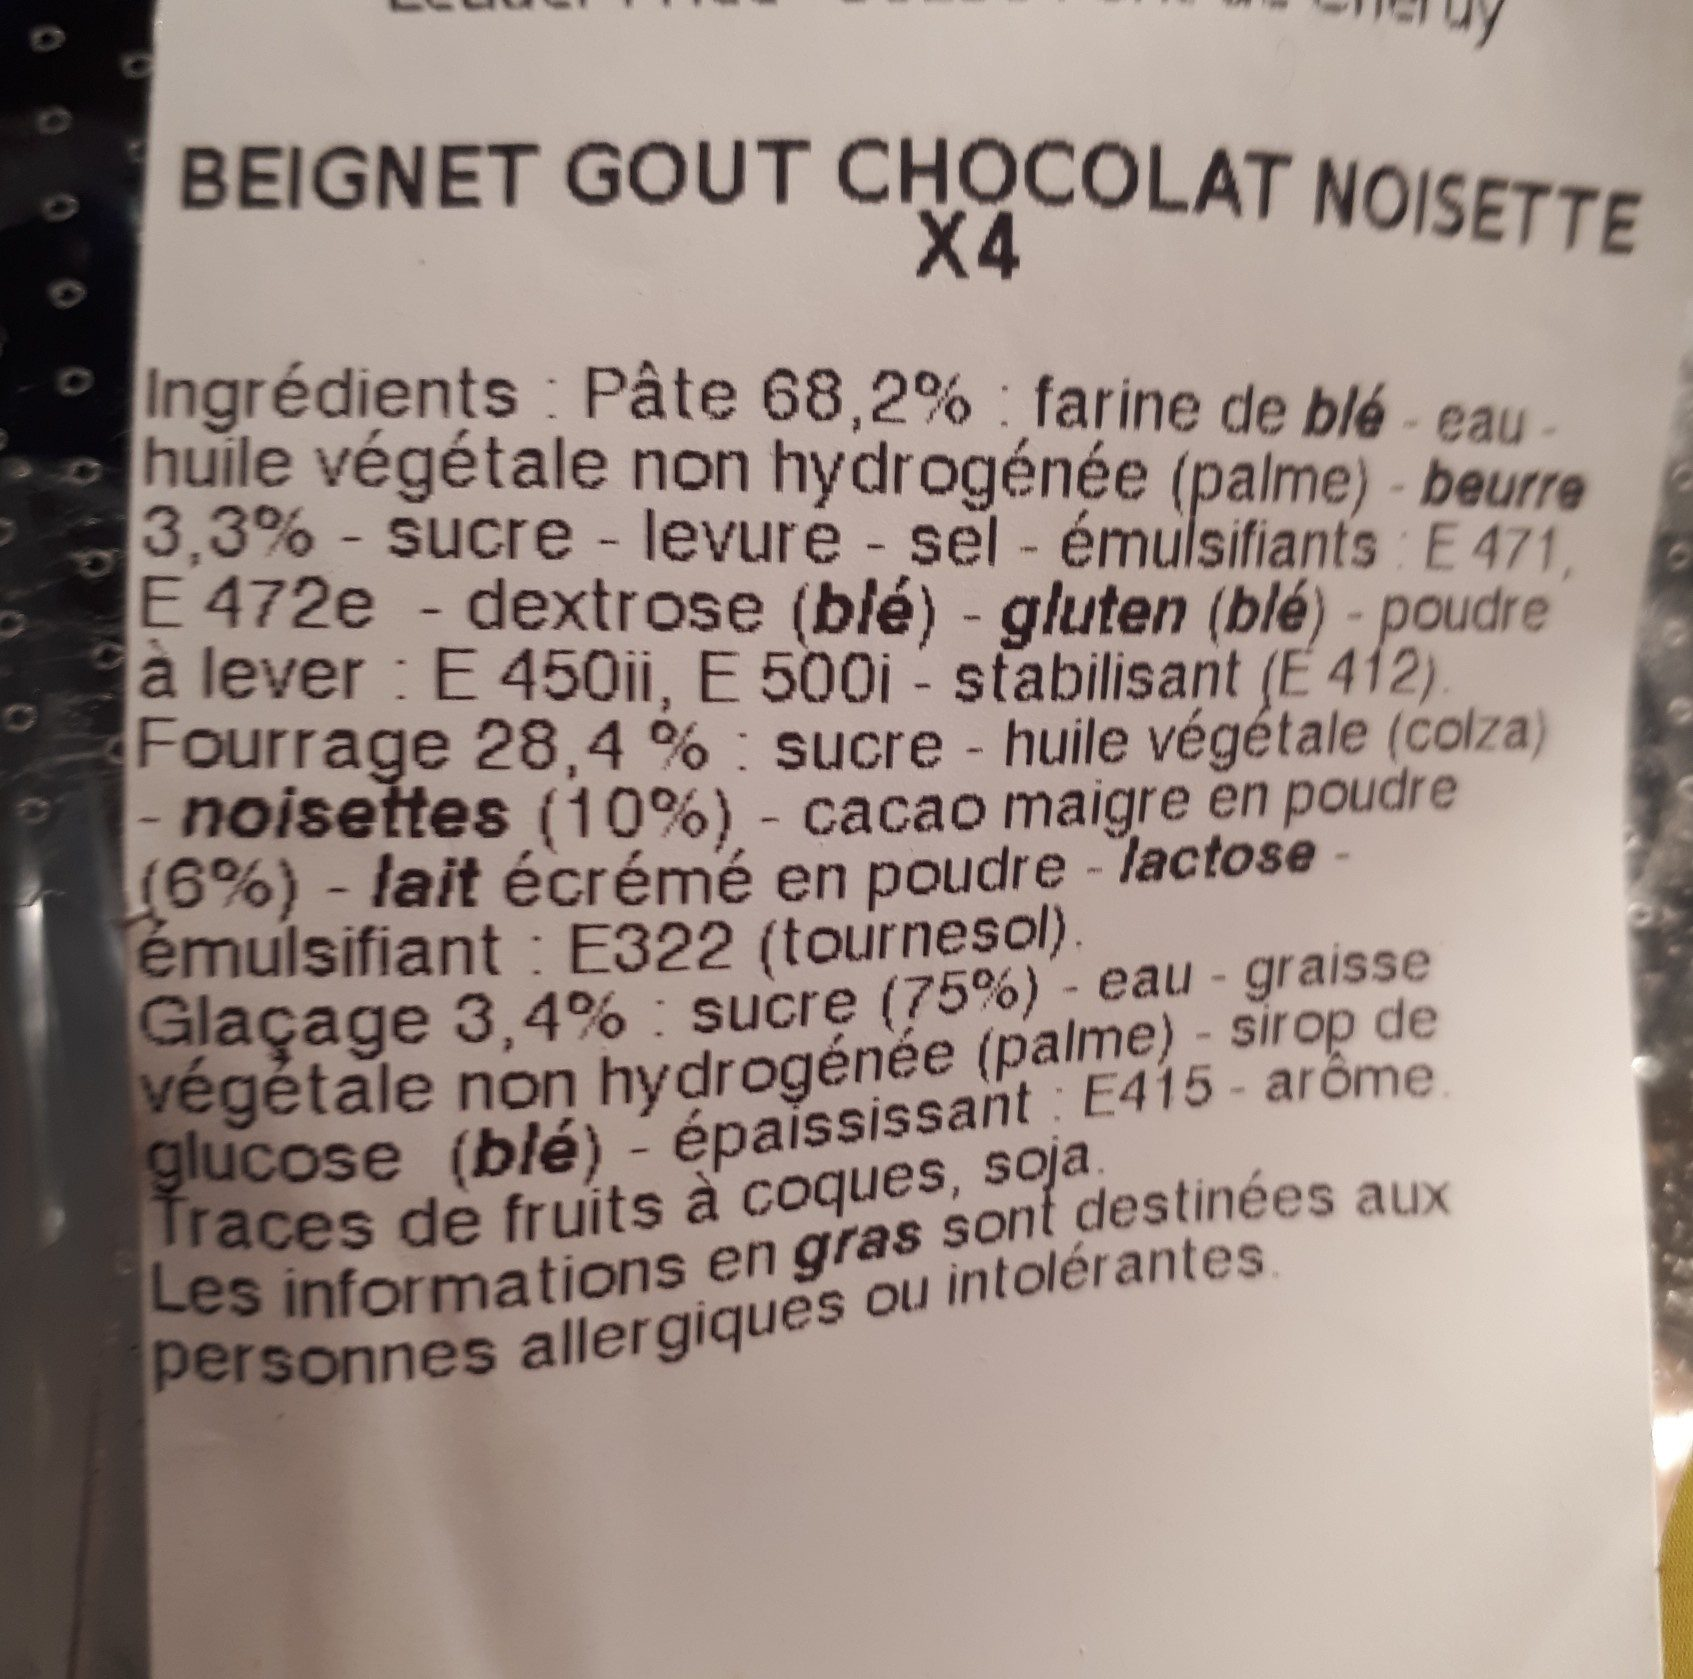 Beignet choco noisette - Ingrédients